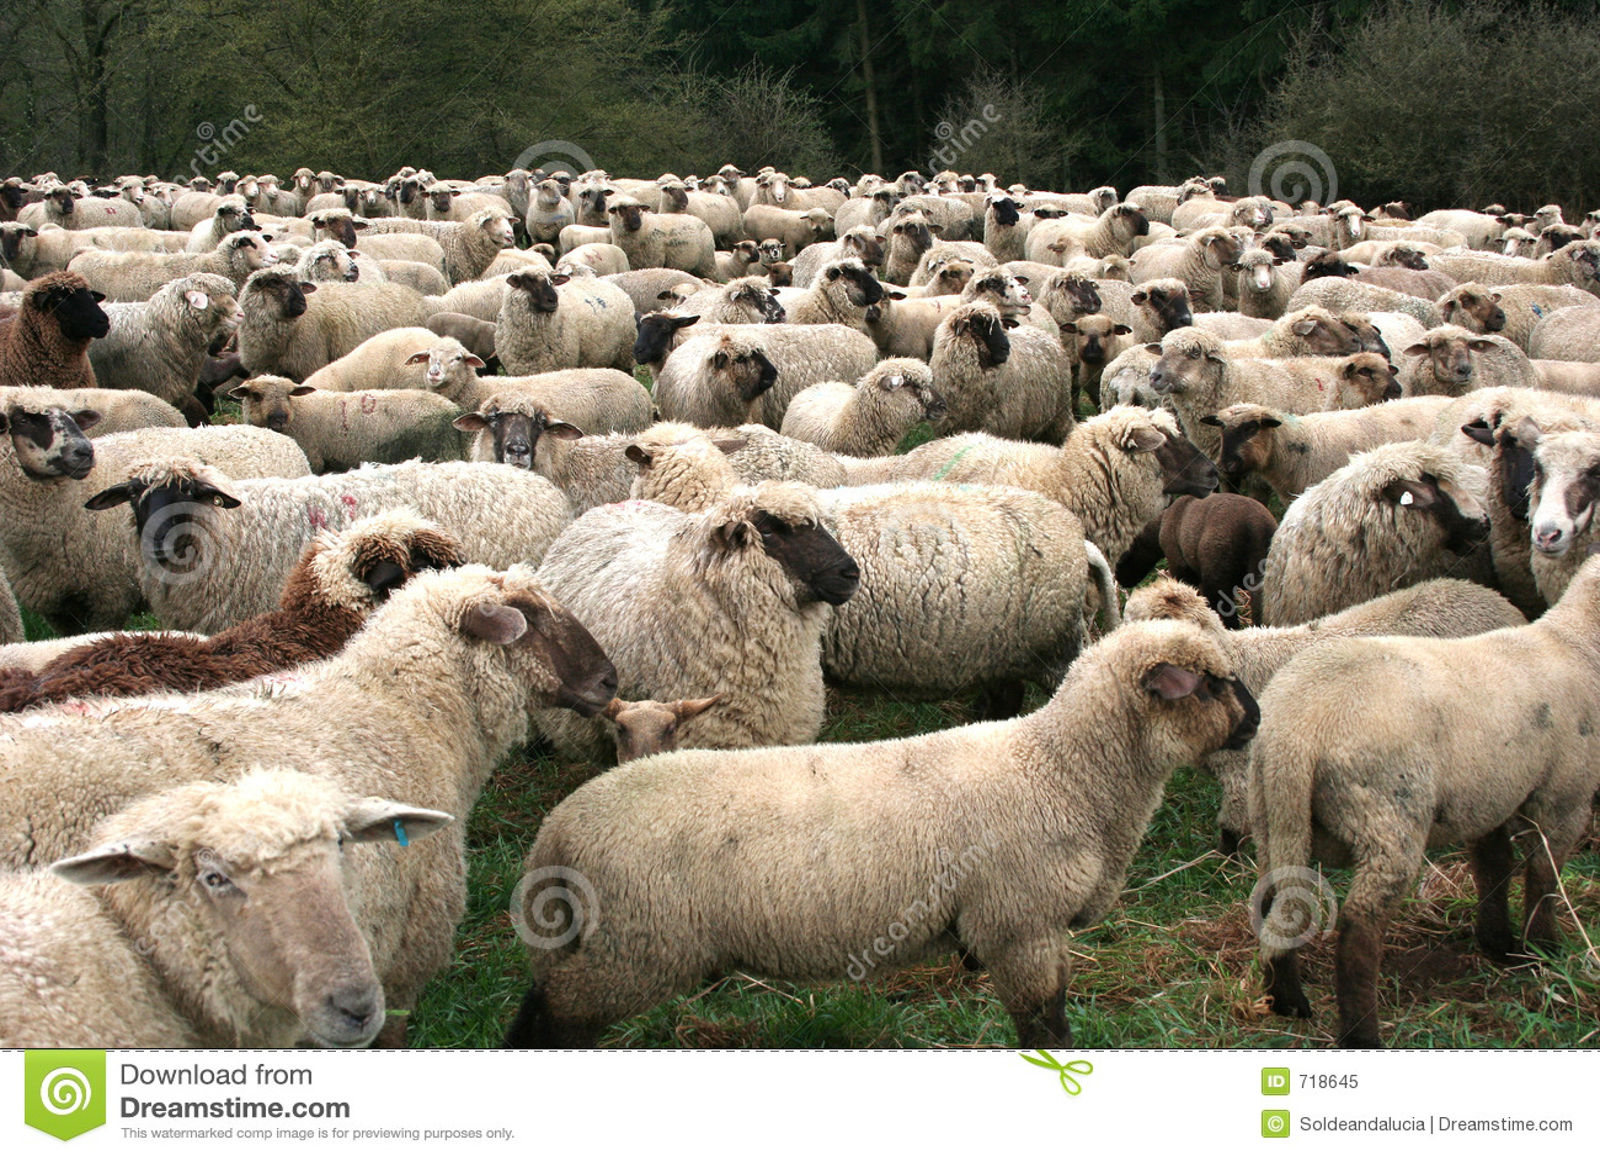 Schaf-Herde Lizenzfreies Stockfoto - Bild: 718645 | {Herde 31}